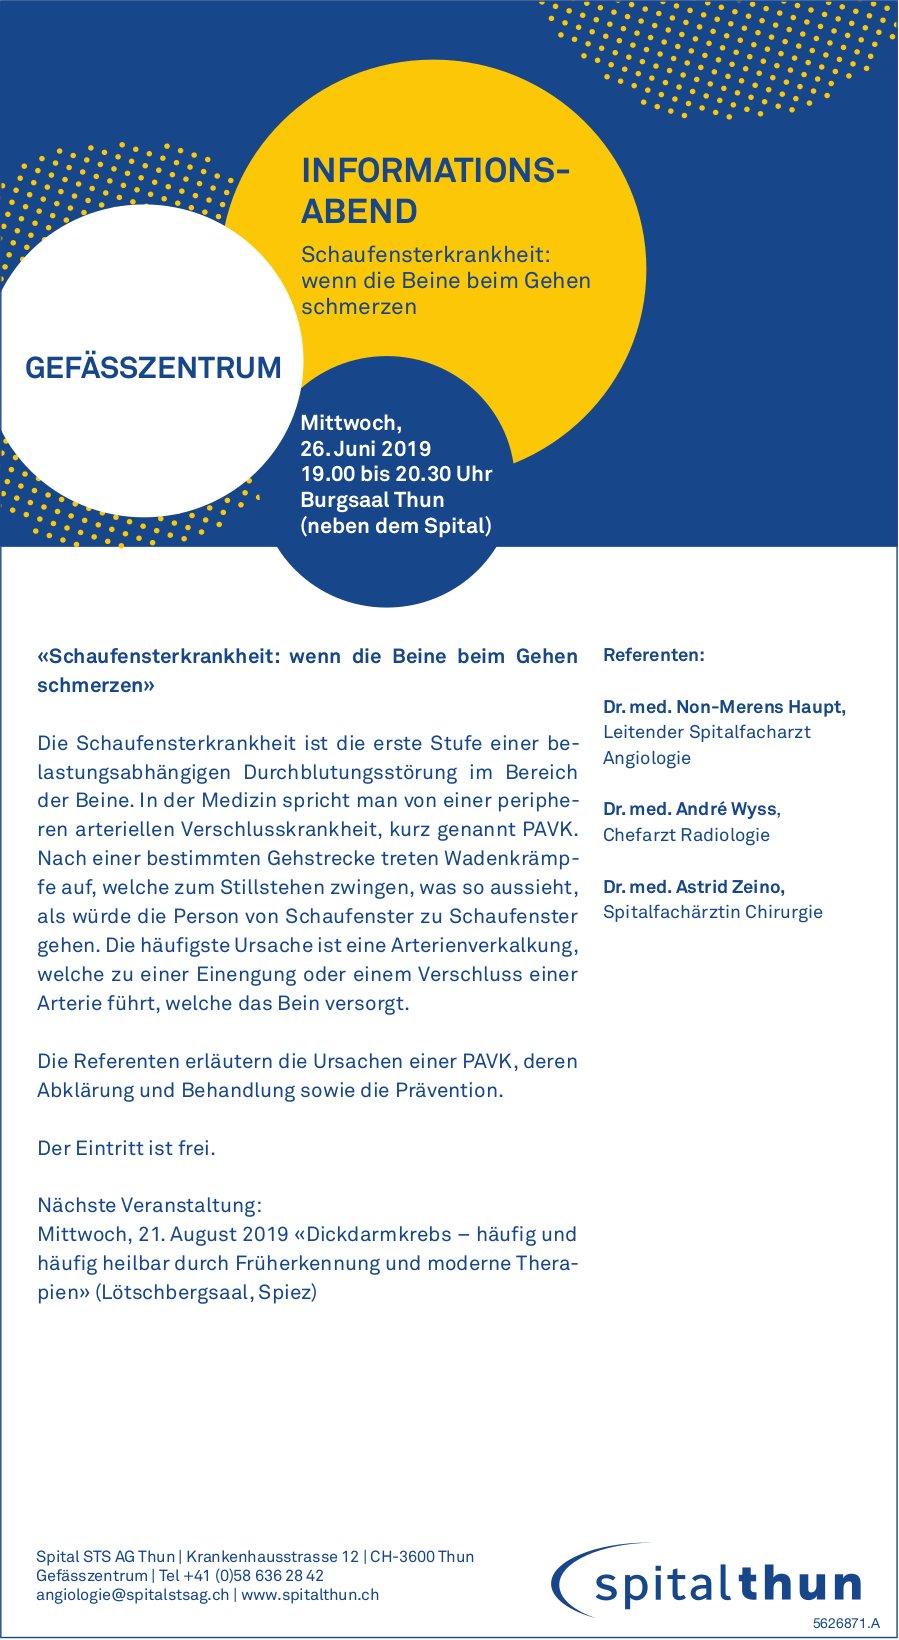 Spital STS Thun - Infoabend «Schaufensterkrankheit: wenn die Beine beim Gehen schmerzen», 26. Juni